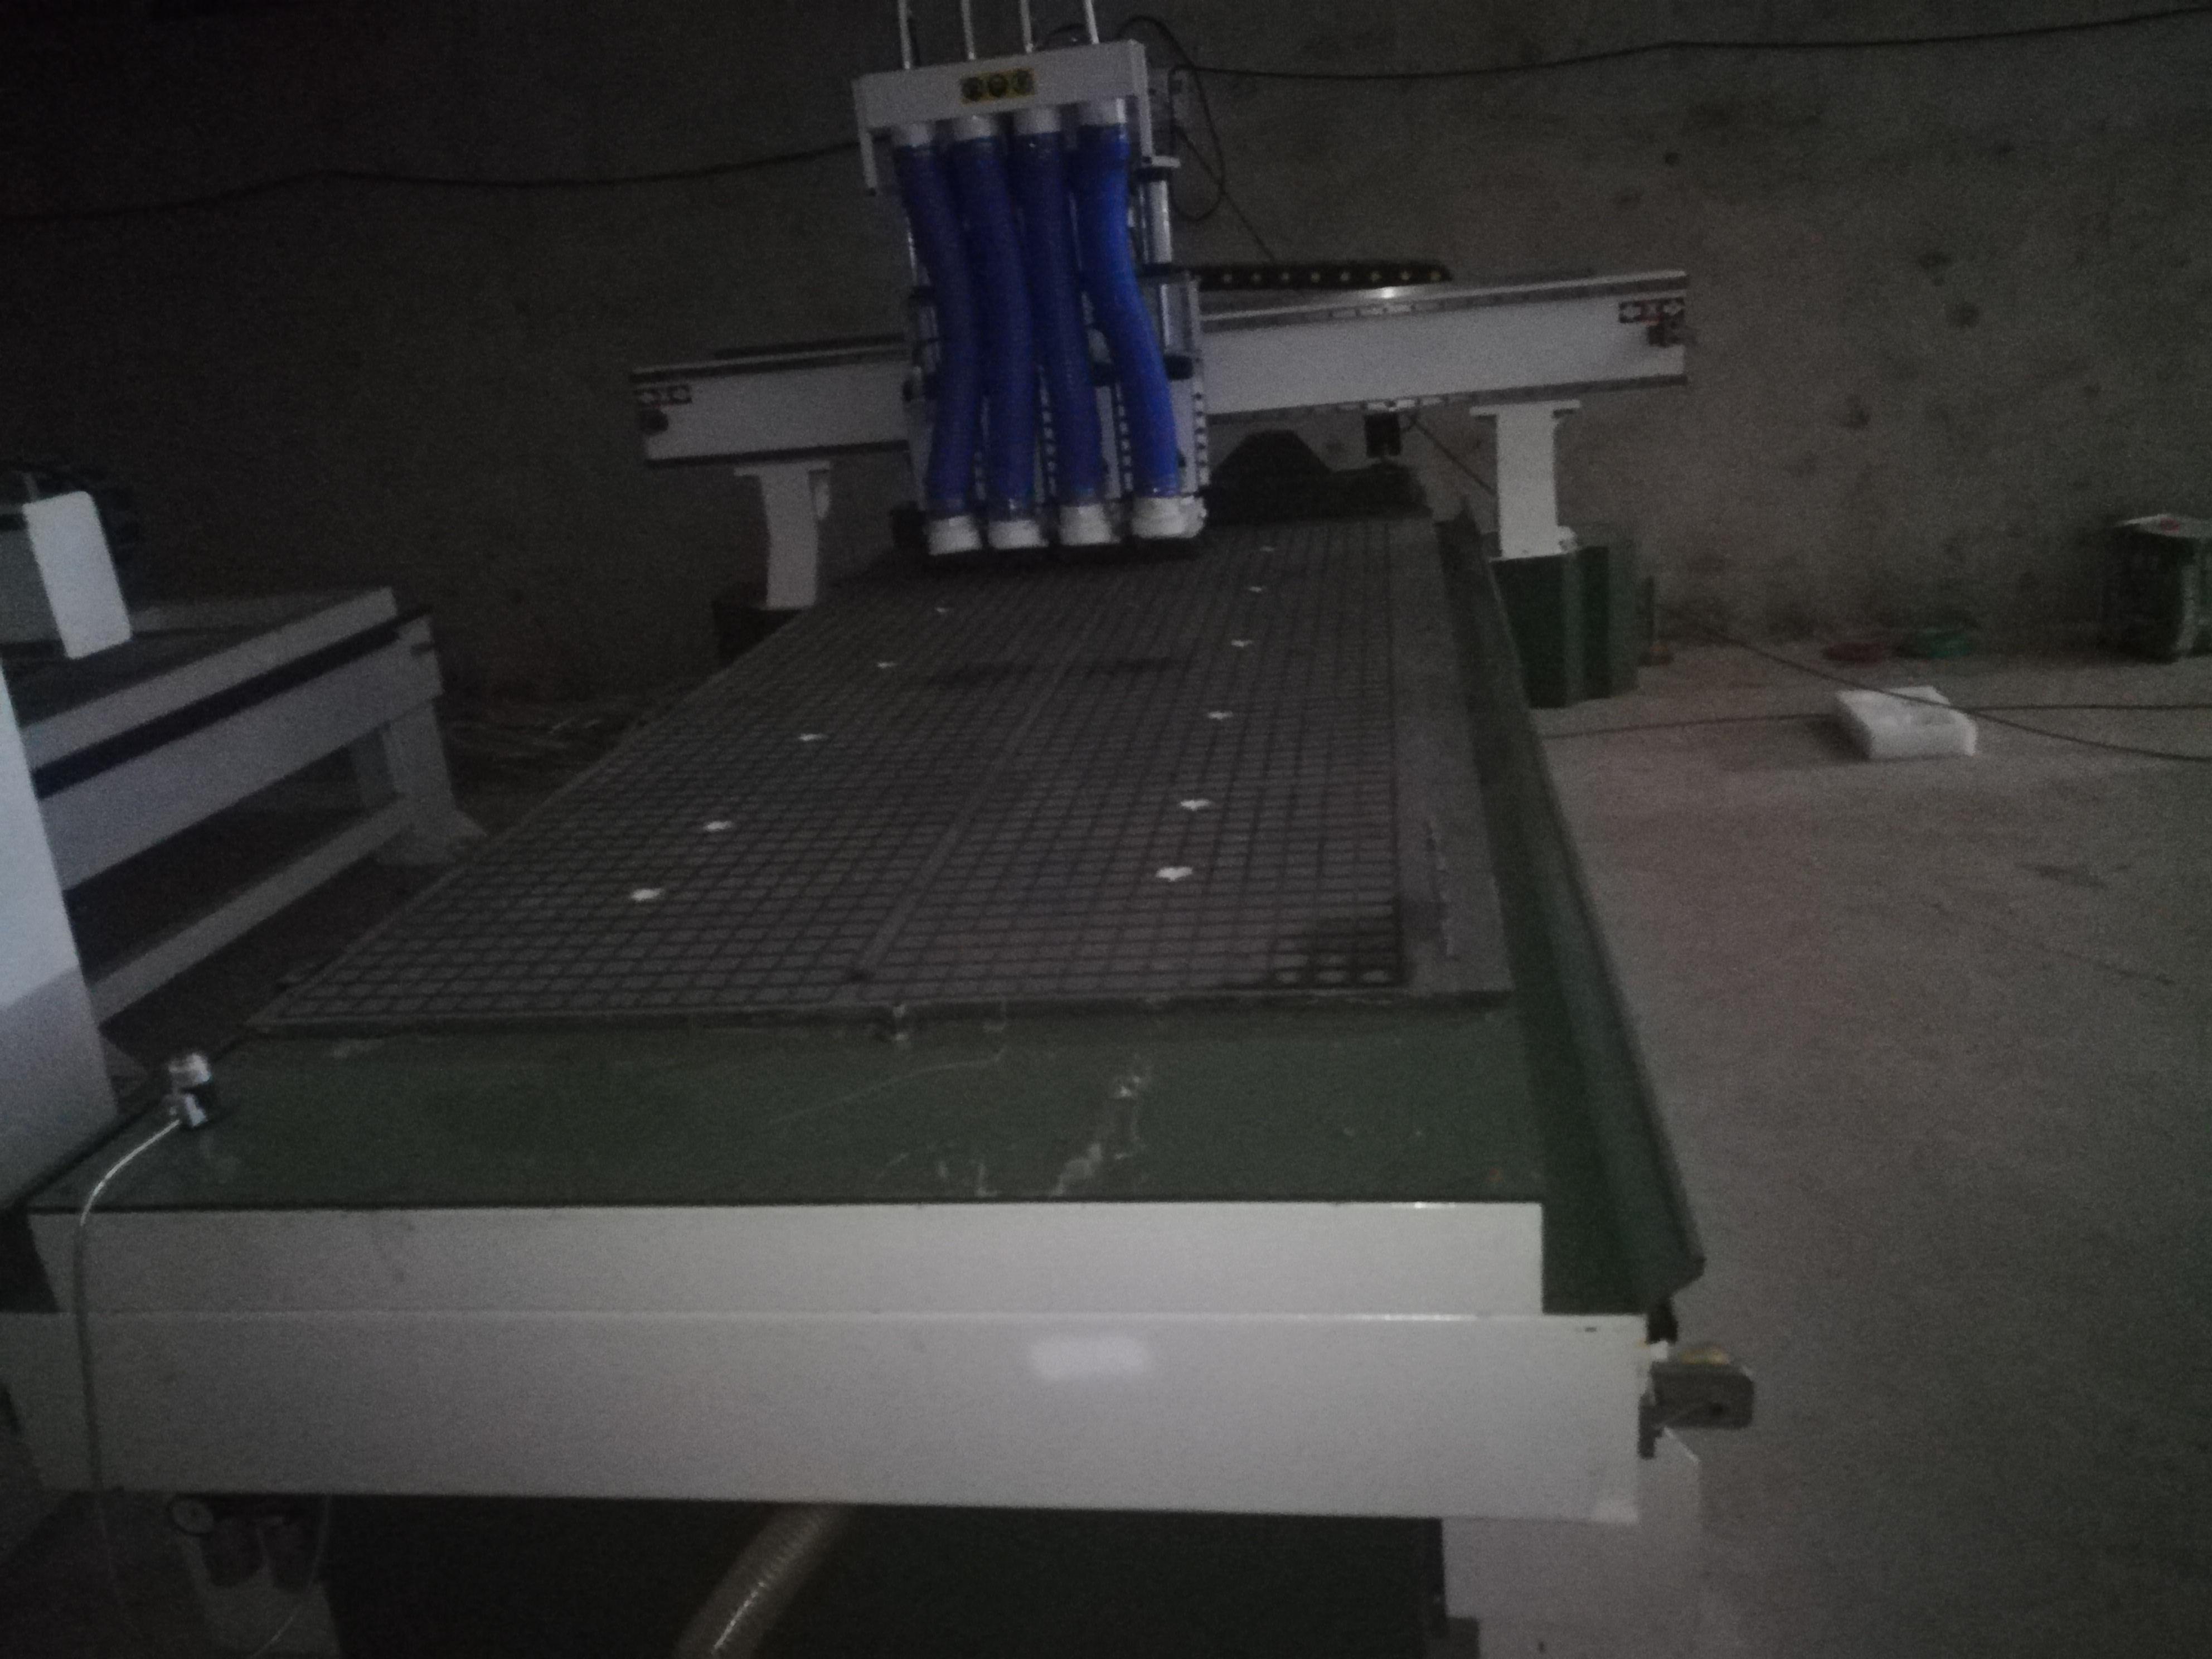 全自动数控开料机报价|全自动数控开料机批发价|全自动数控开料机厂家直销